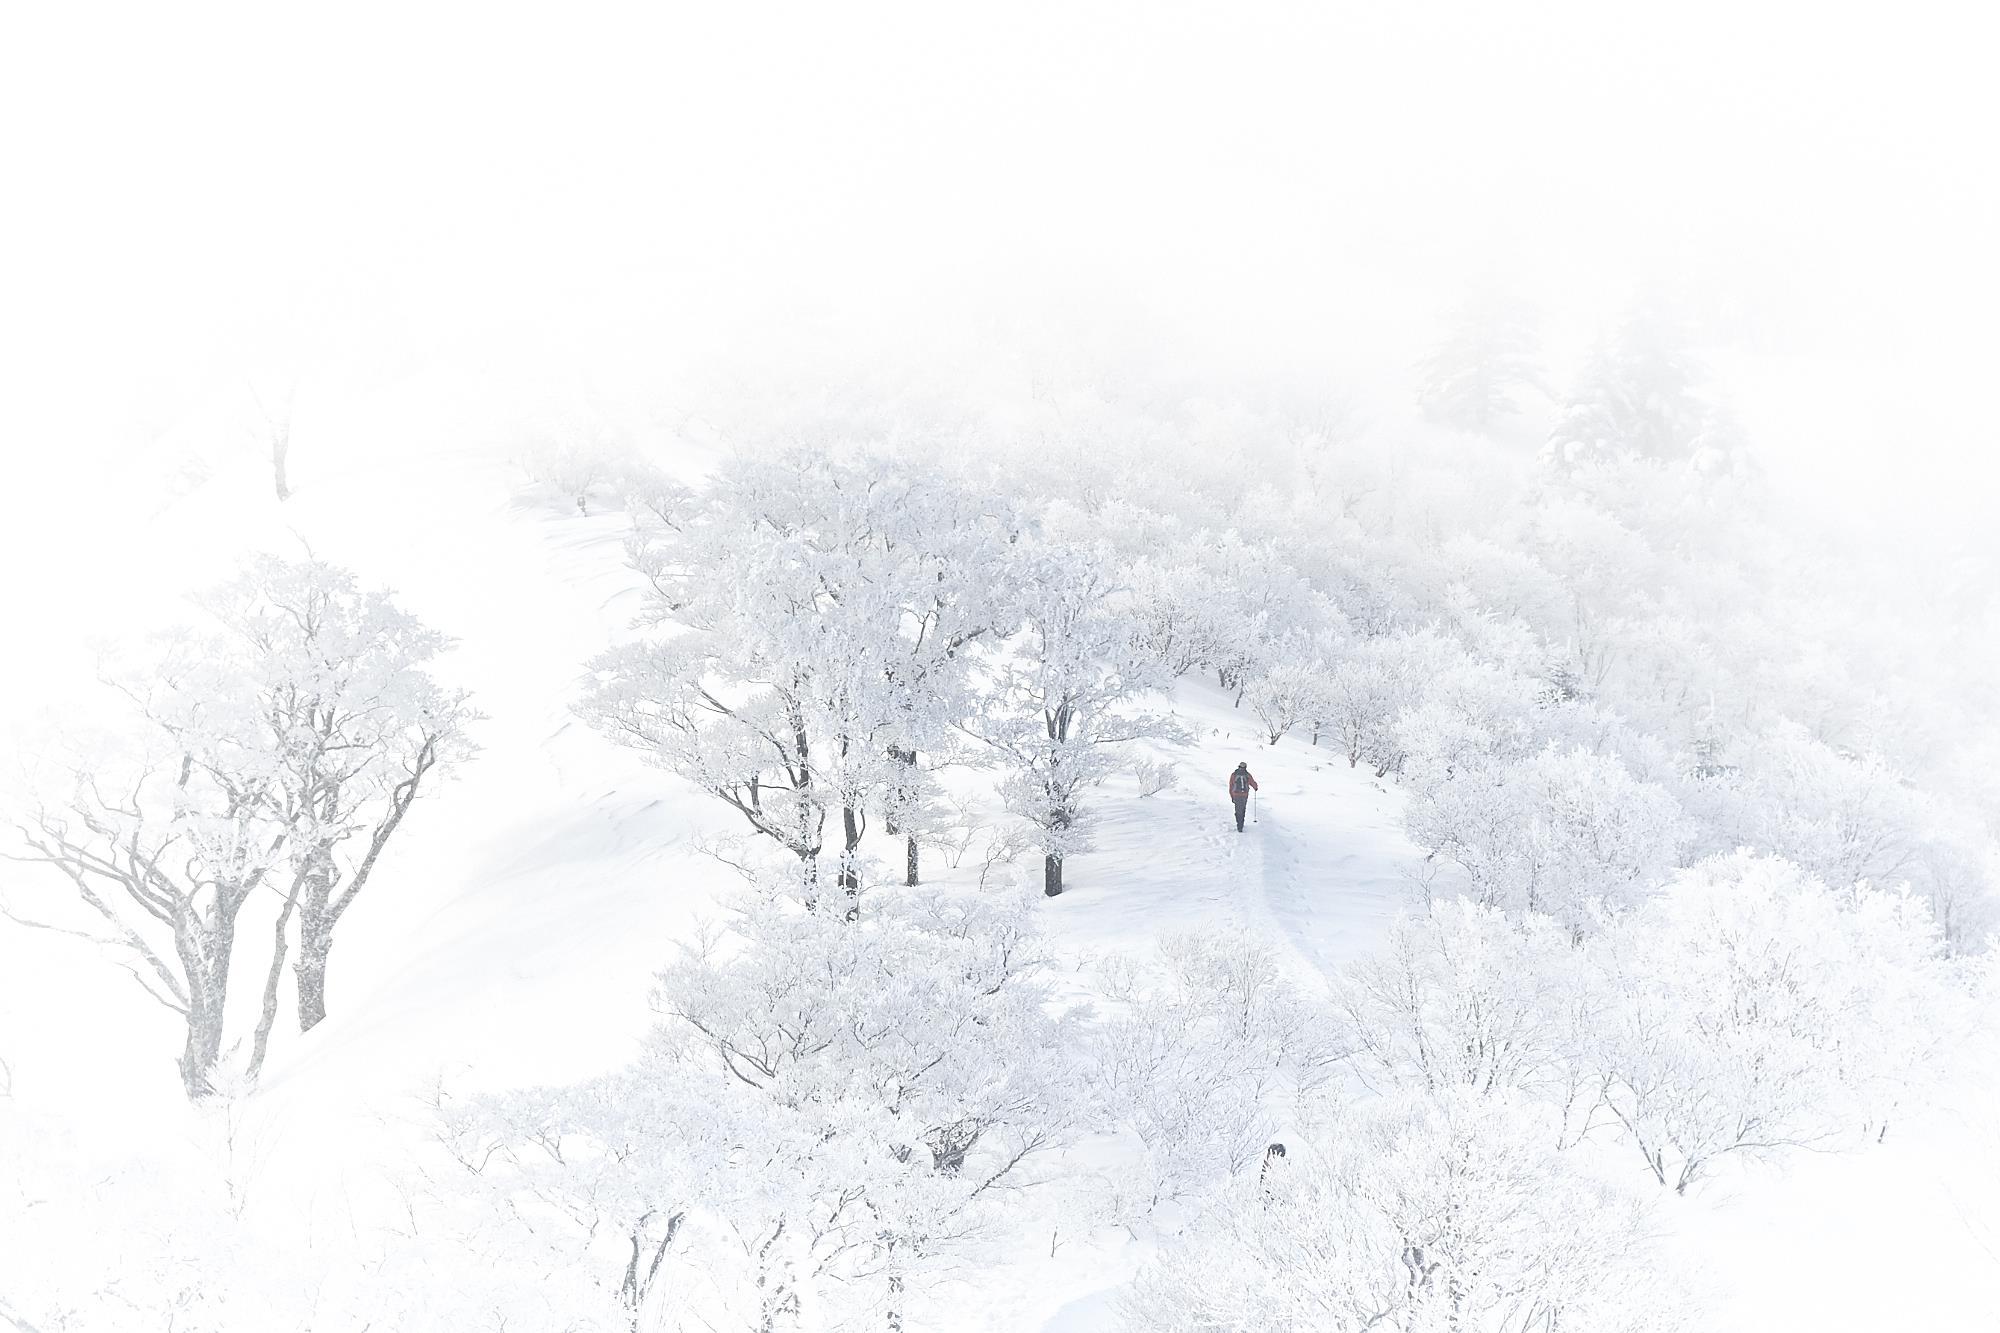 冬の雪山の石鎚山の登山道の霧氷